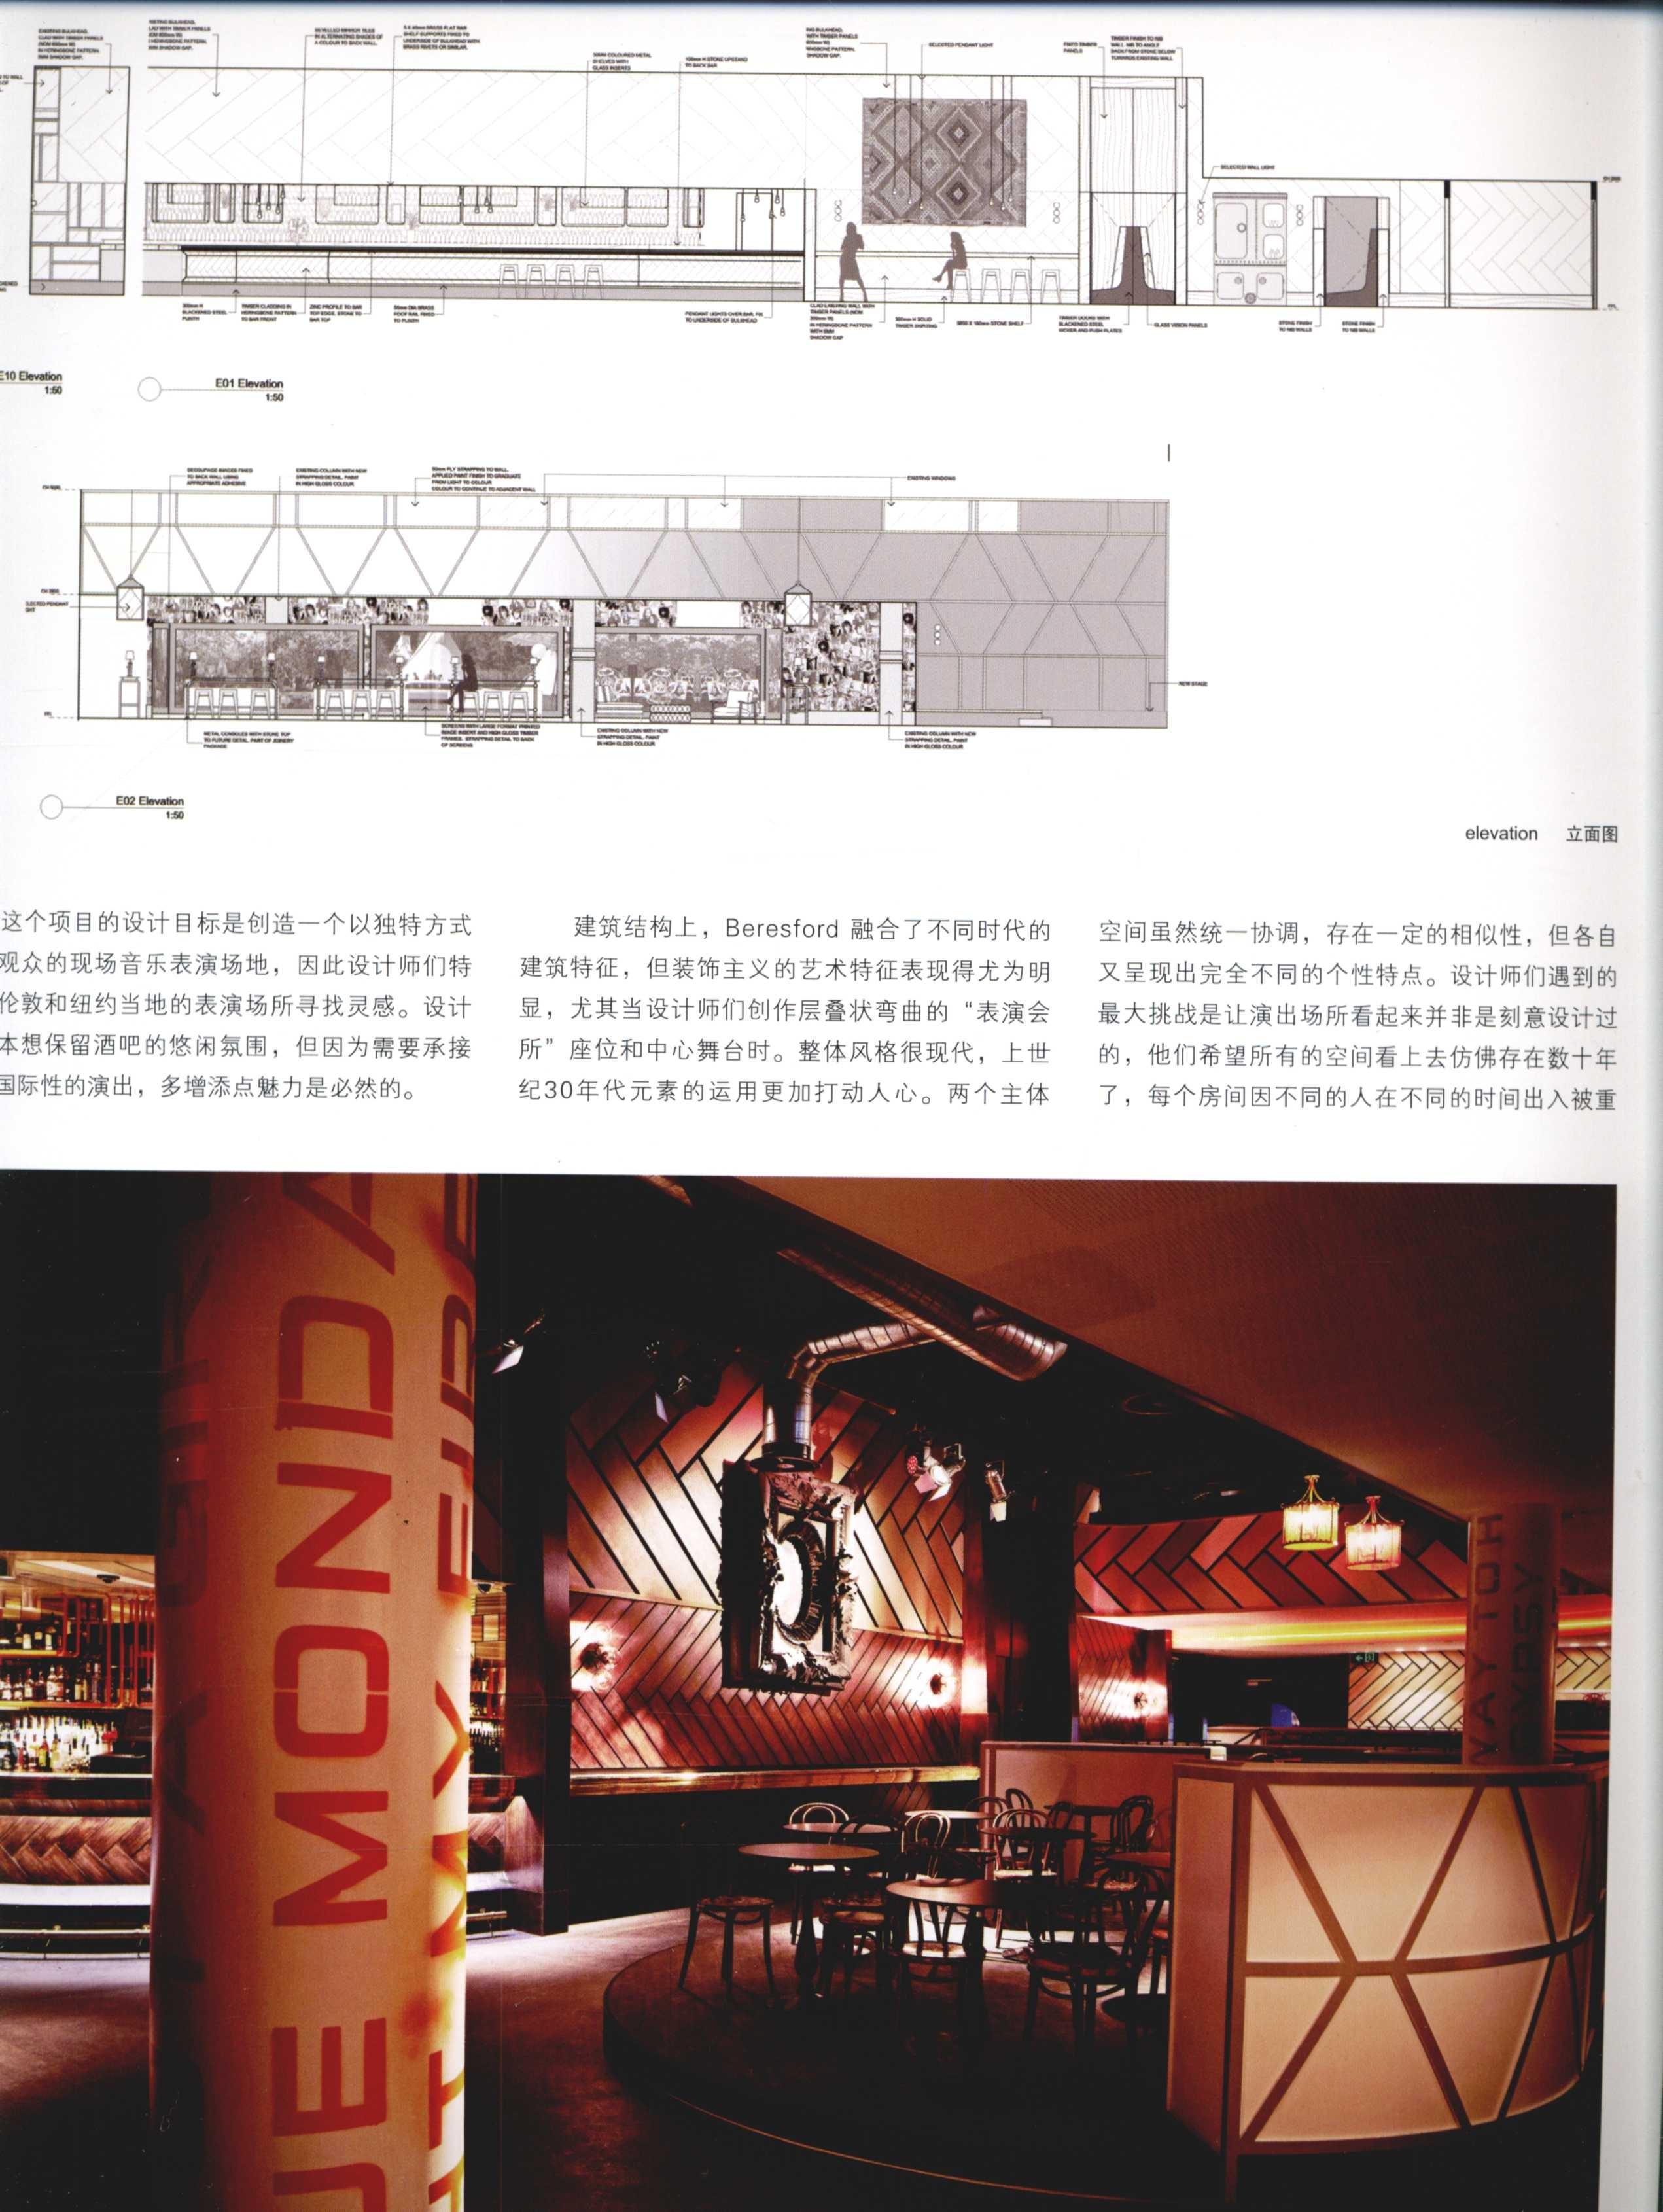 2012全球室内设计年鉴  餐饮_Page_093.jpg